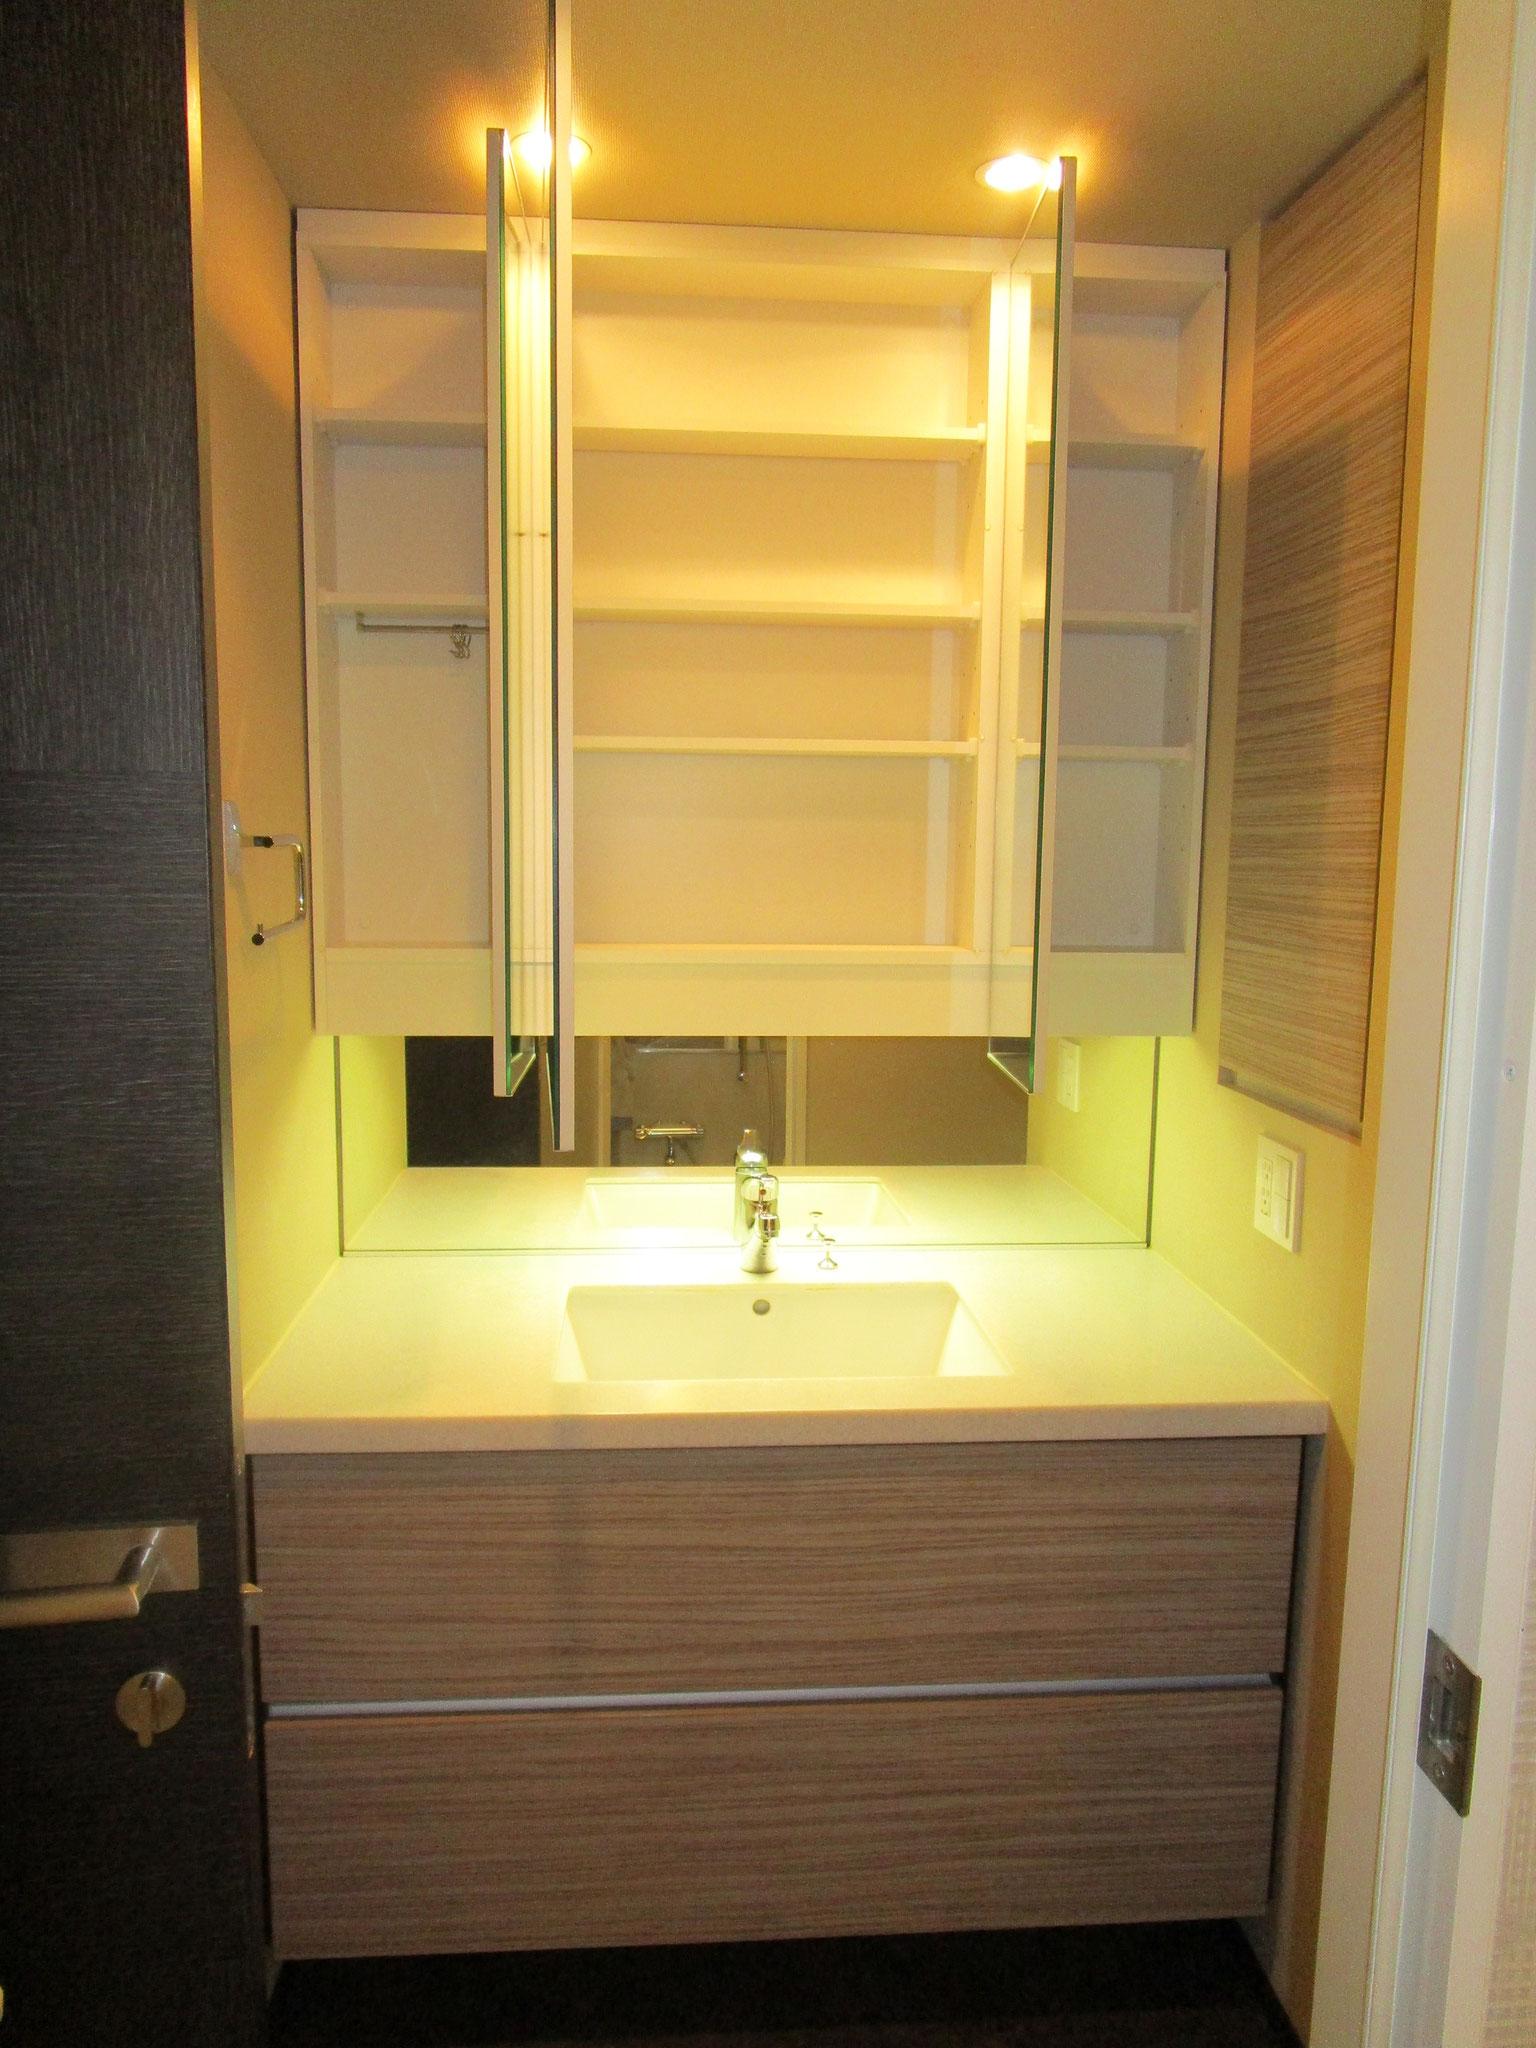 洗面台は三面鏡付き(鏡の裏側は収納スペースです)